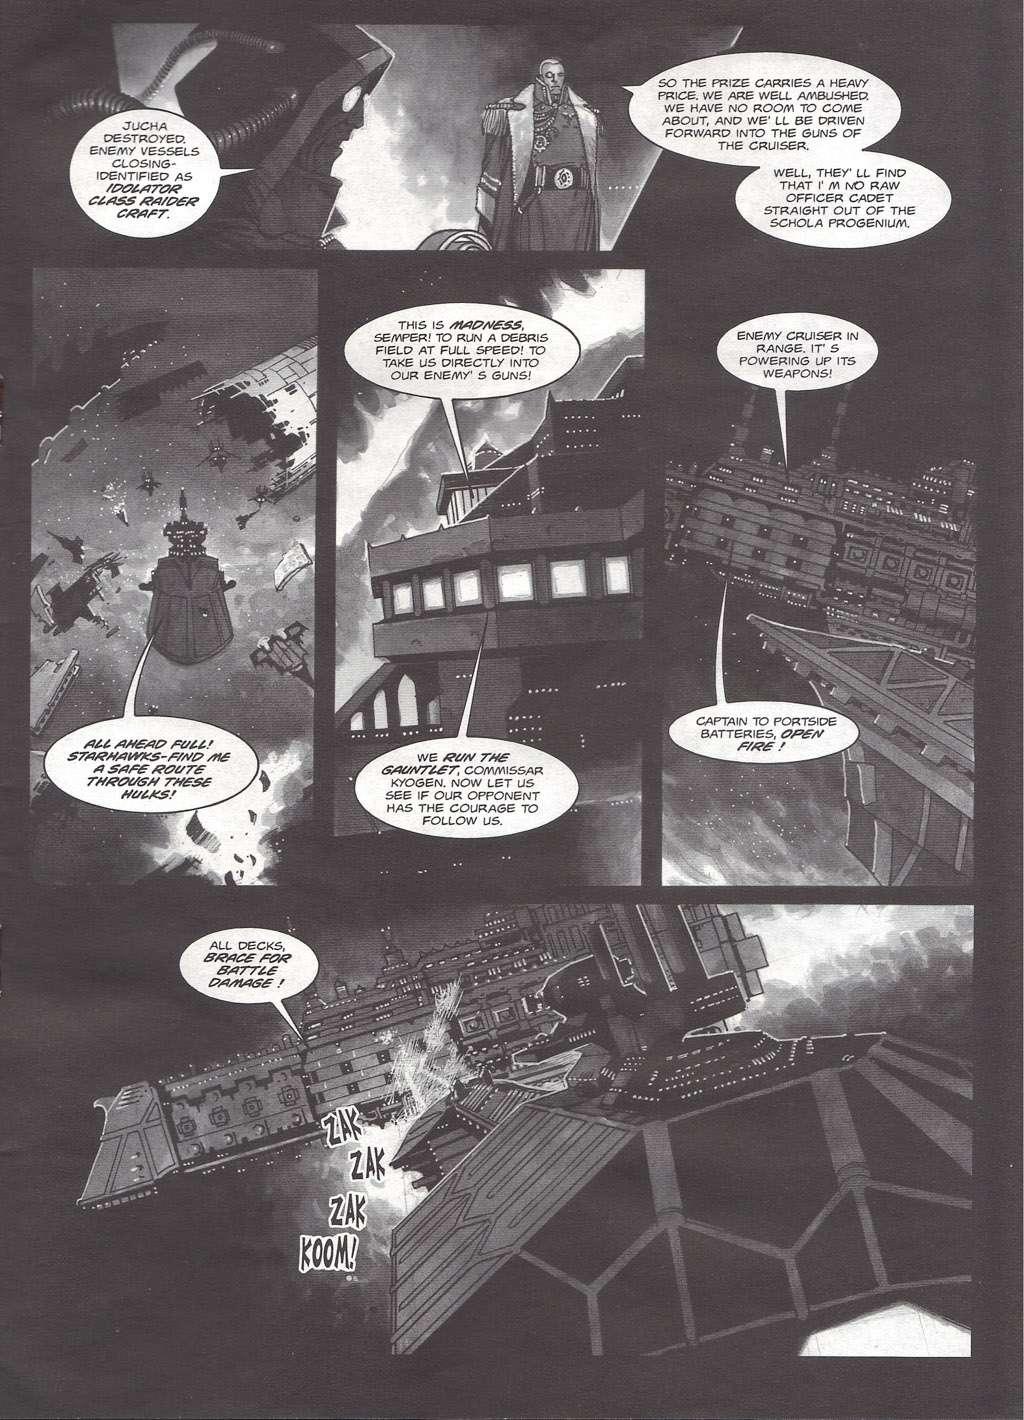 [GALERIE] Artworks - Page 7 Bfg_ge25